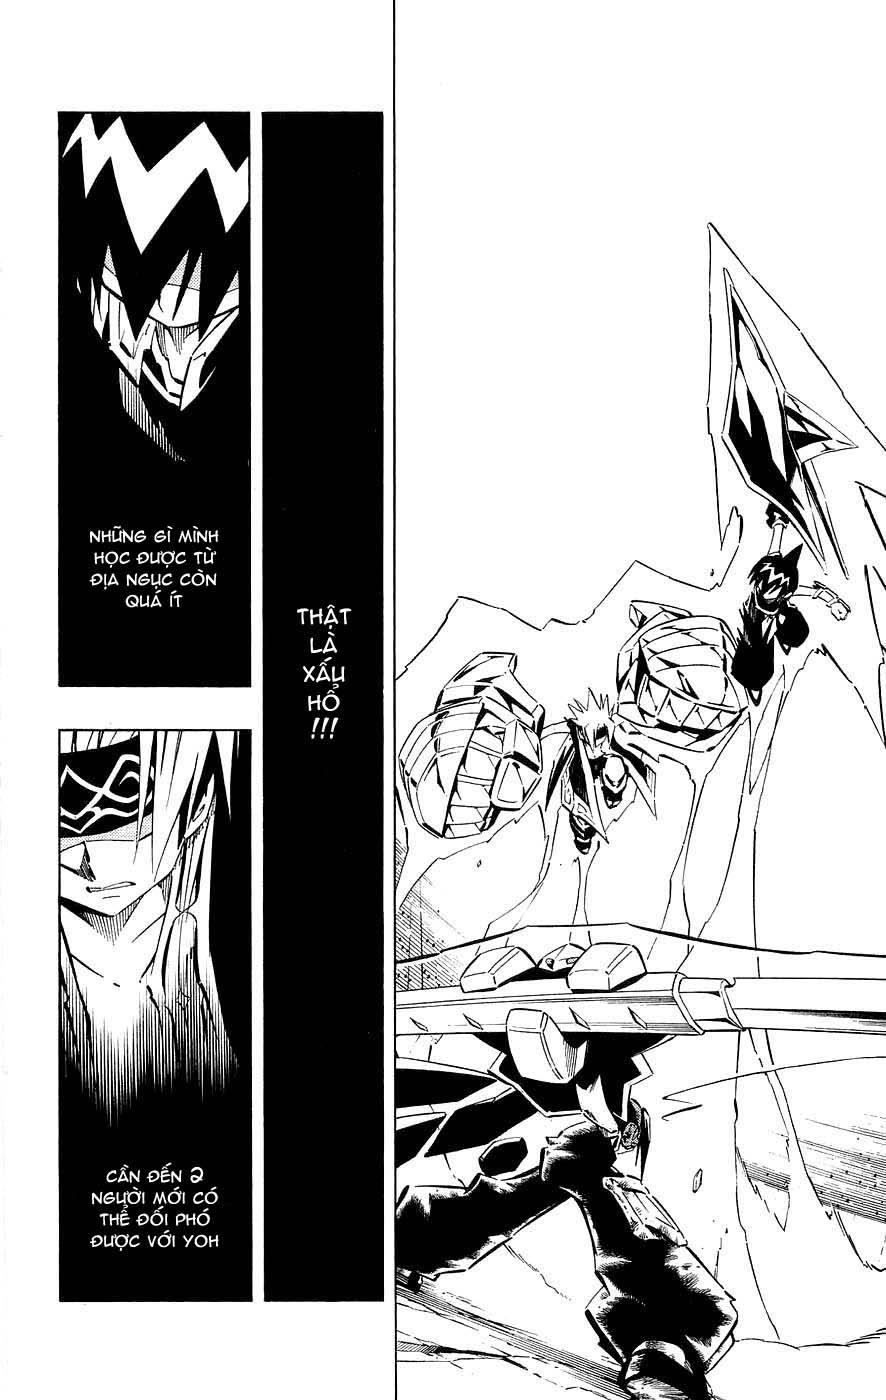 Vua Pháp Thuật-Shaman King chap 257 Trang 4 - Mangak.info